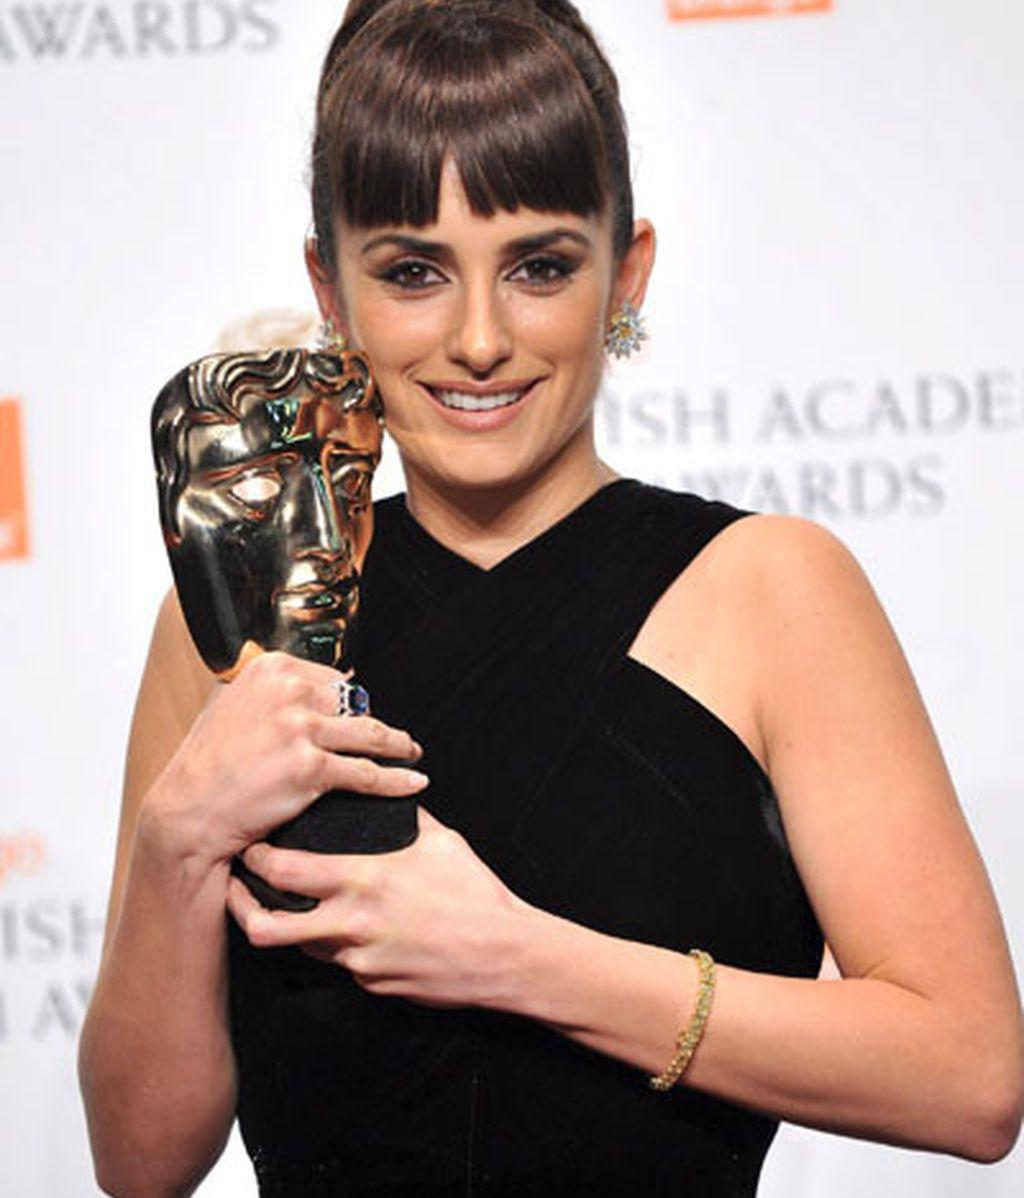 Penélope consigue el Bafta a la mejor actriz de reparto